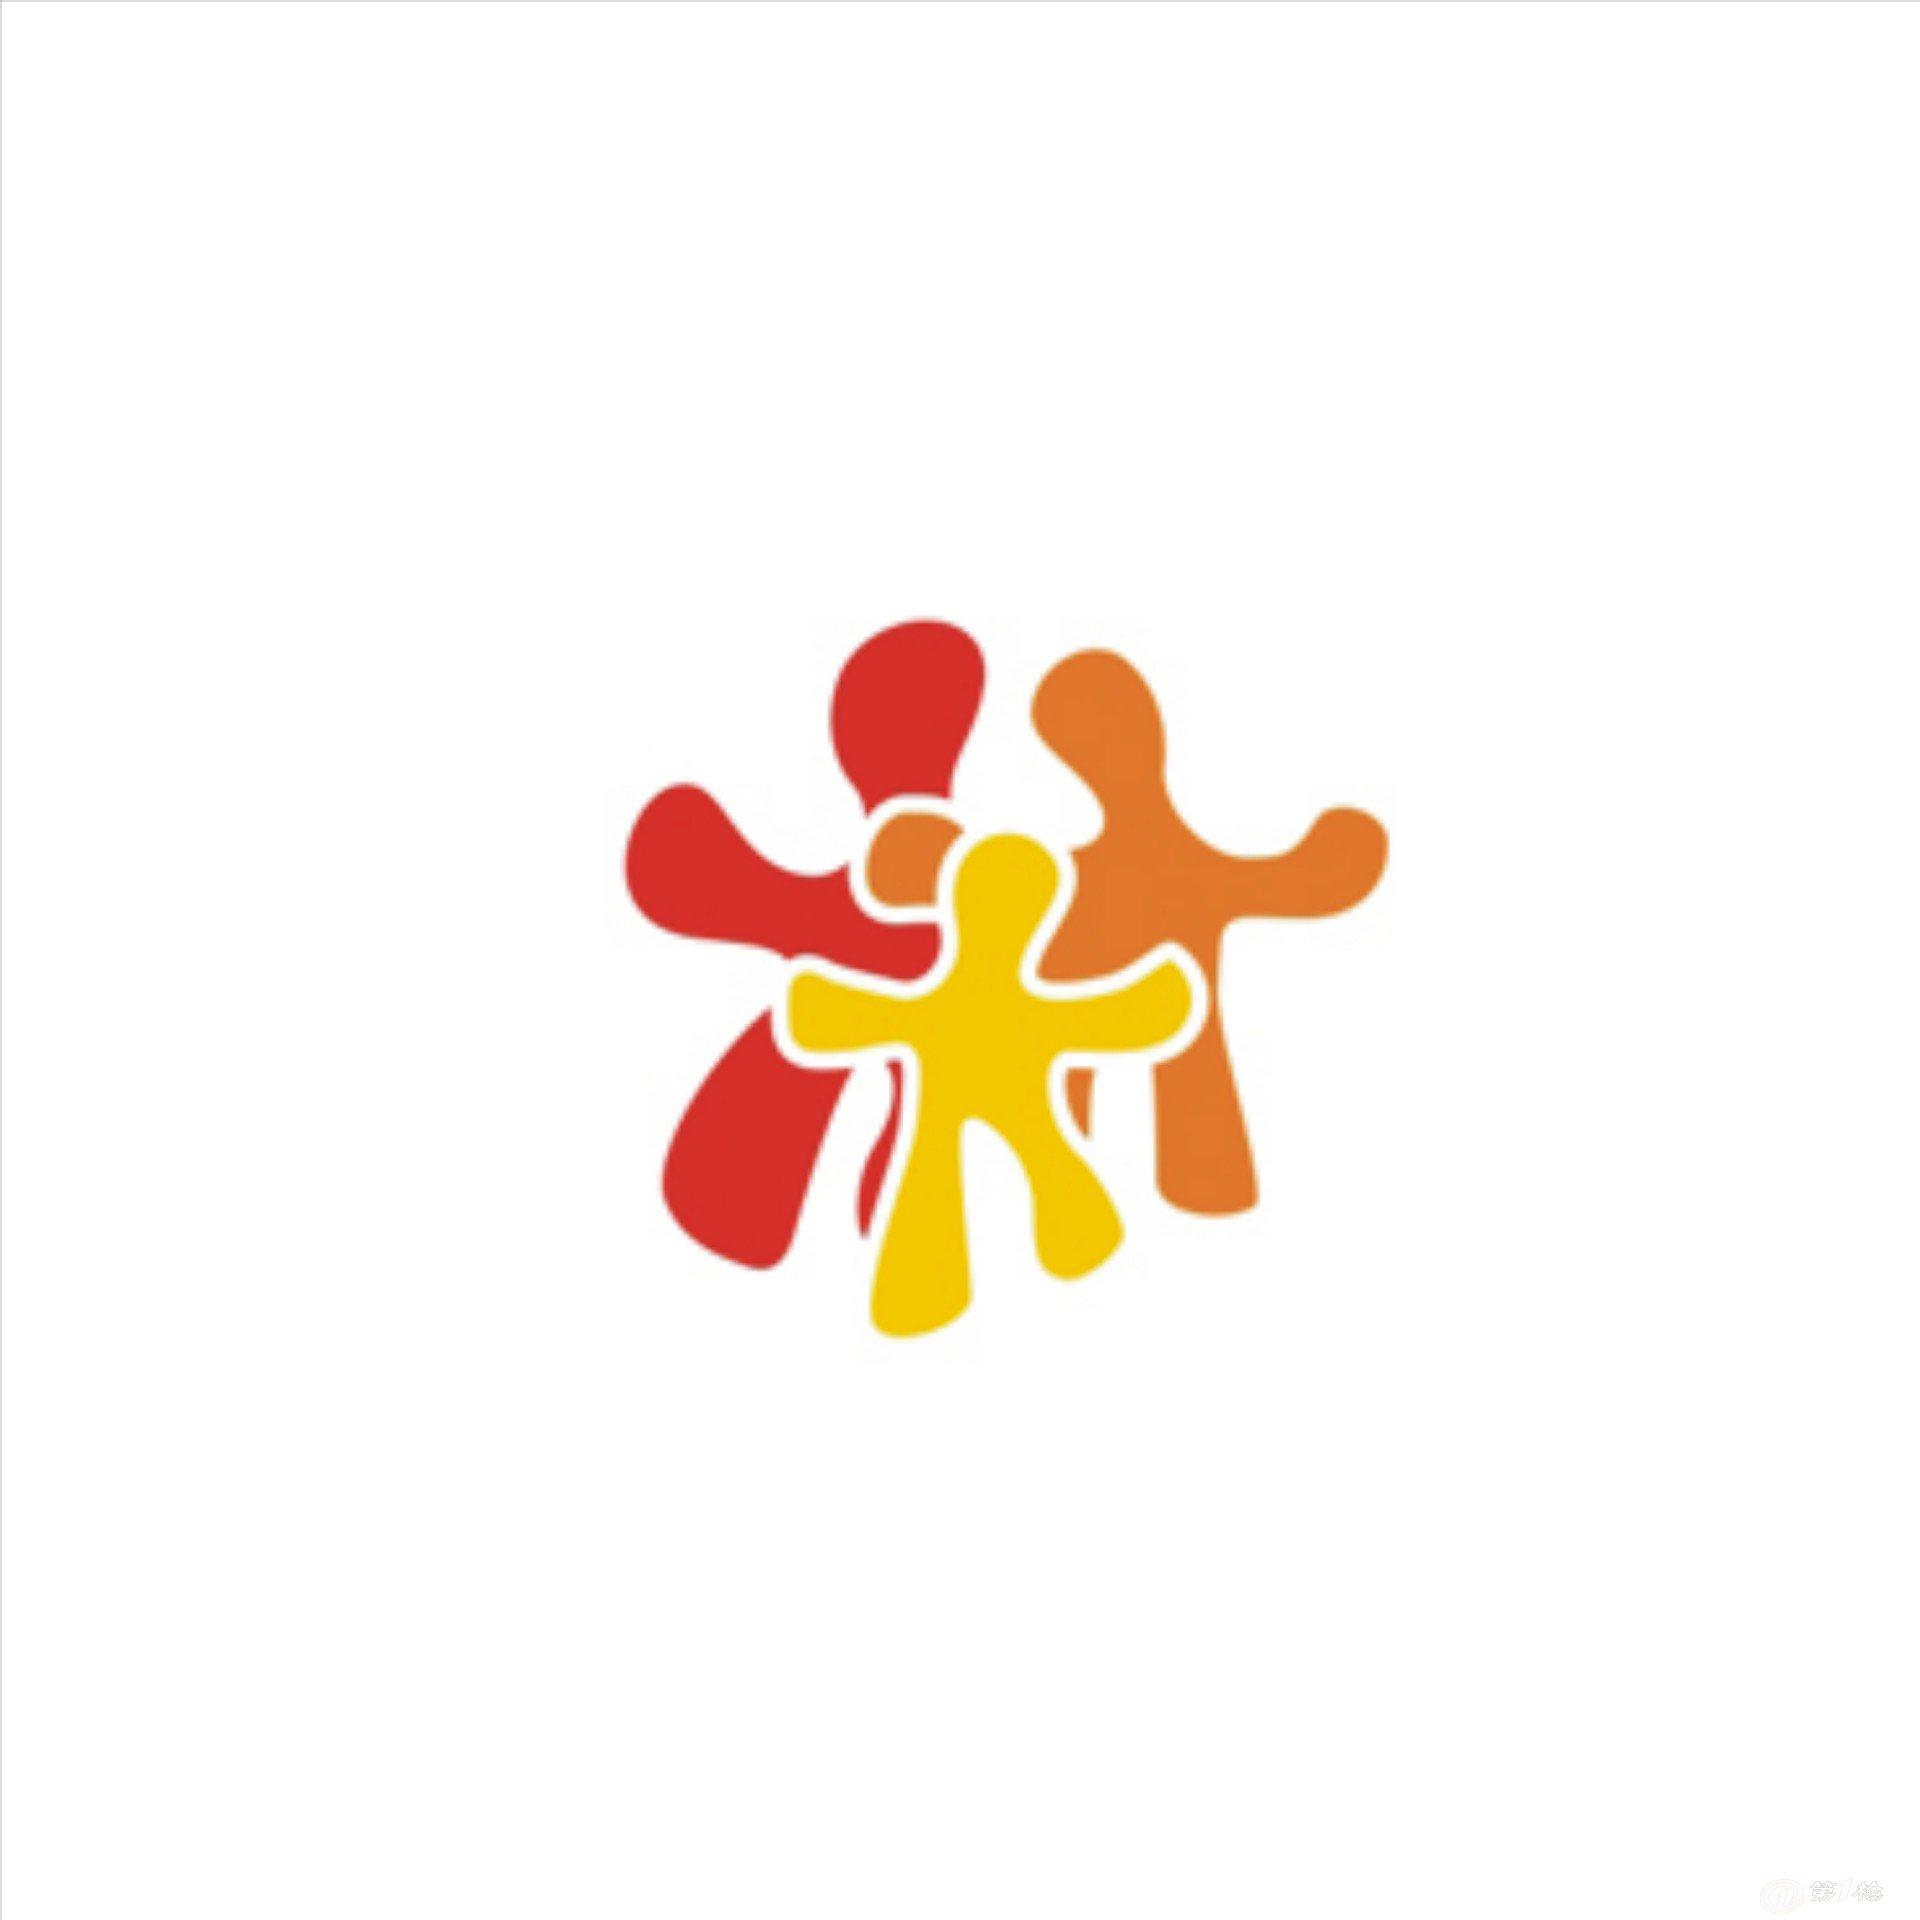 创意设计服务 平面设计 logo,企业标识    企业标志是通过造型简单图片